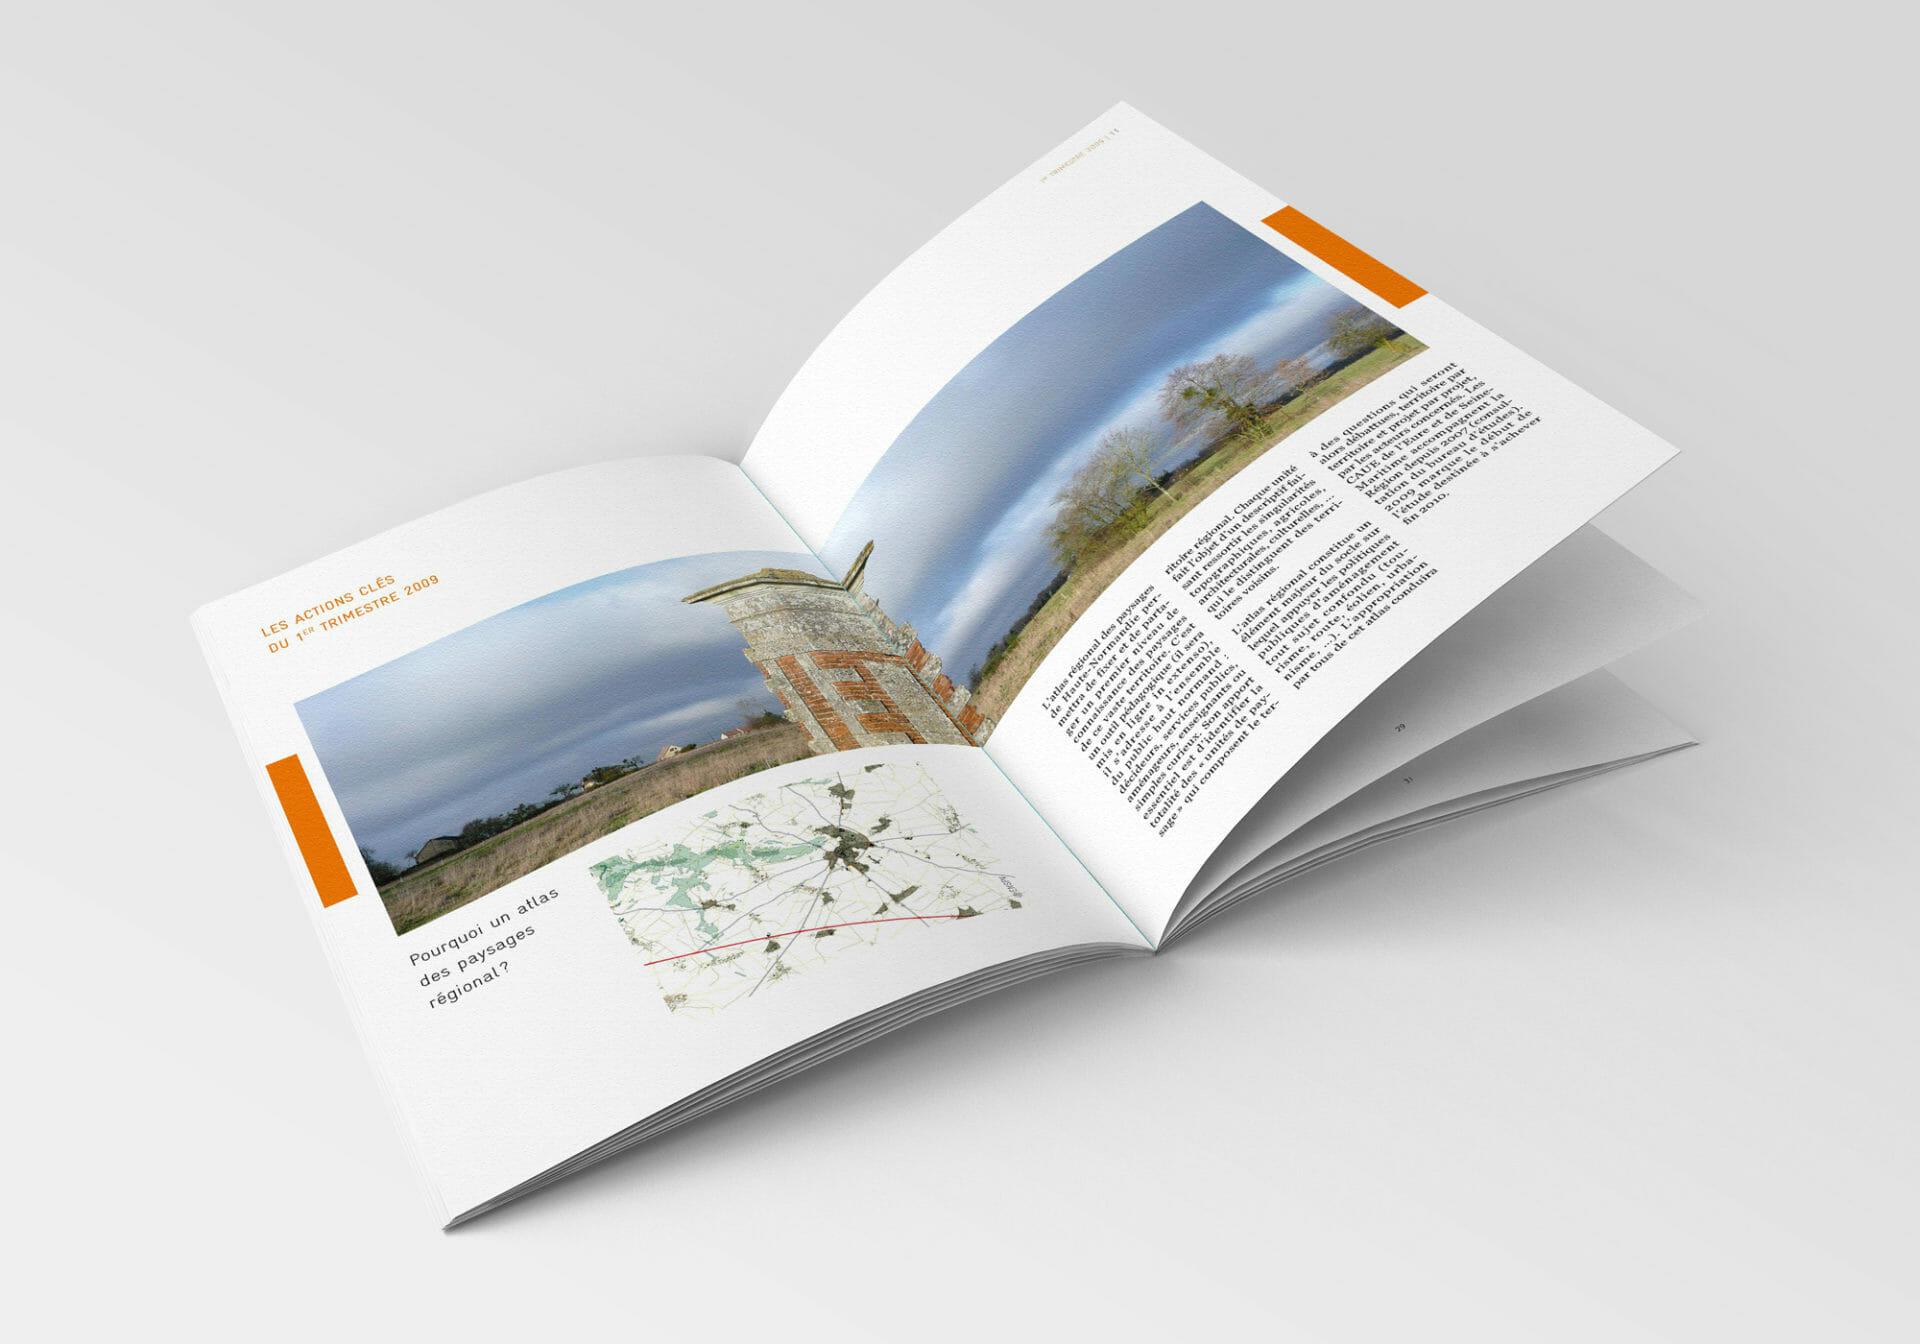 CAUE27-brochure-mockup-03